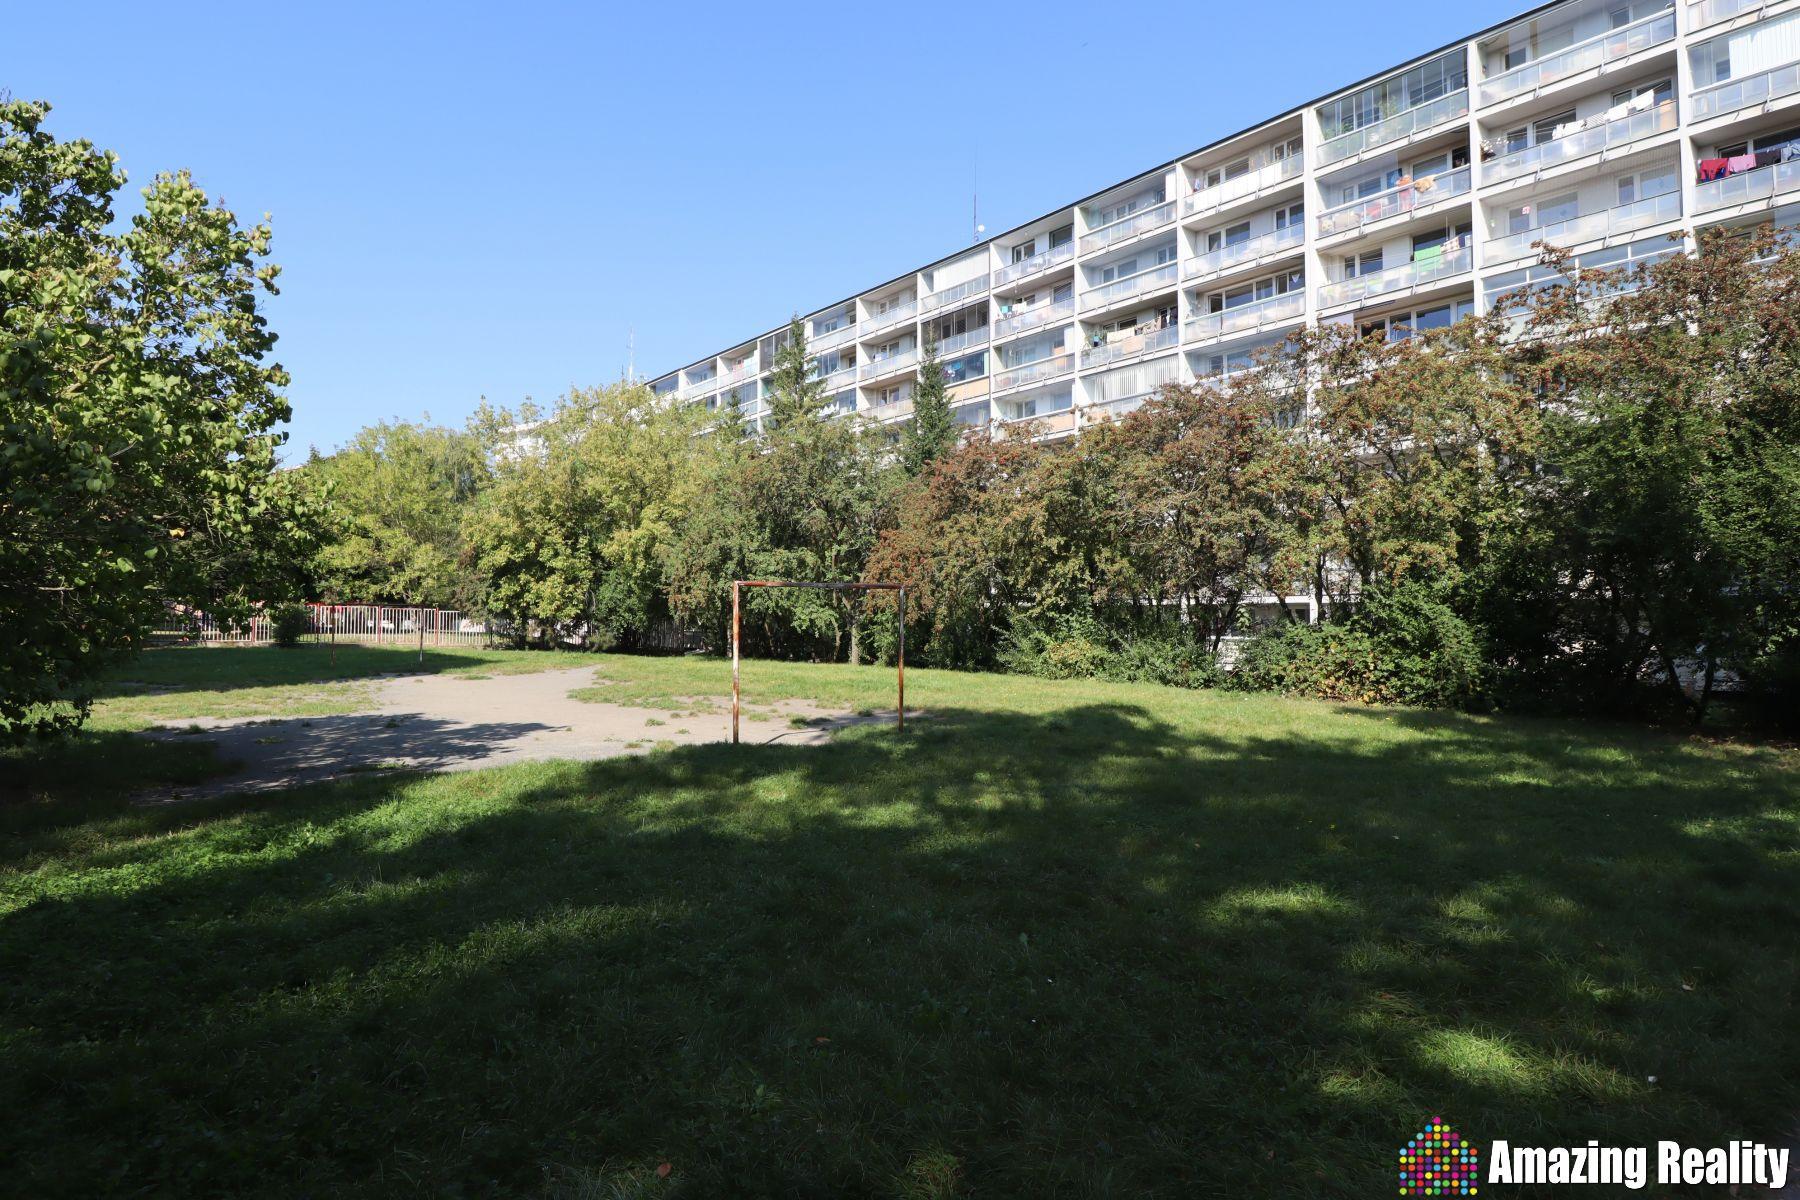 Prodej bytu 1+kk, 34 m2, OV, ul. Sládkovičova, Praha 4 - Krč